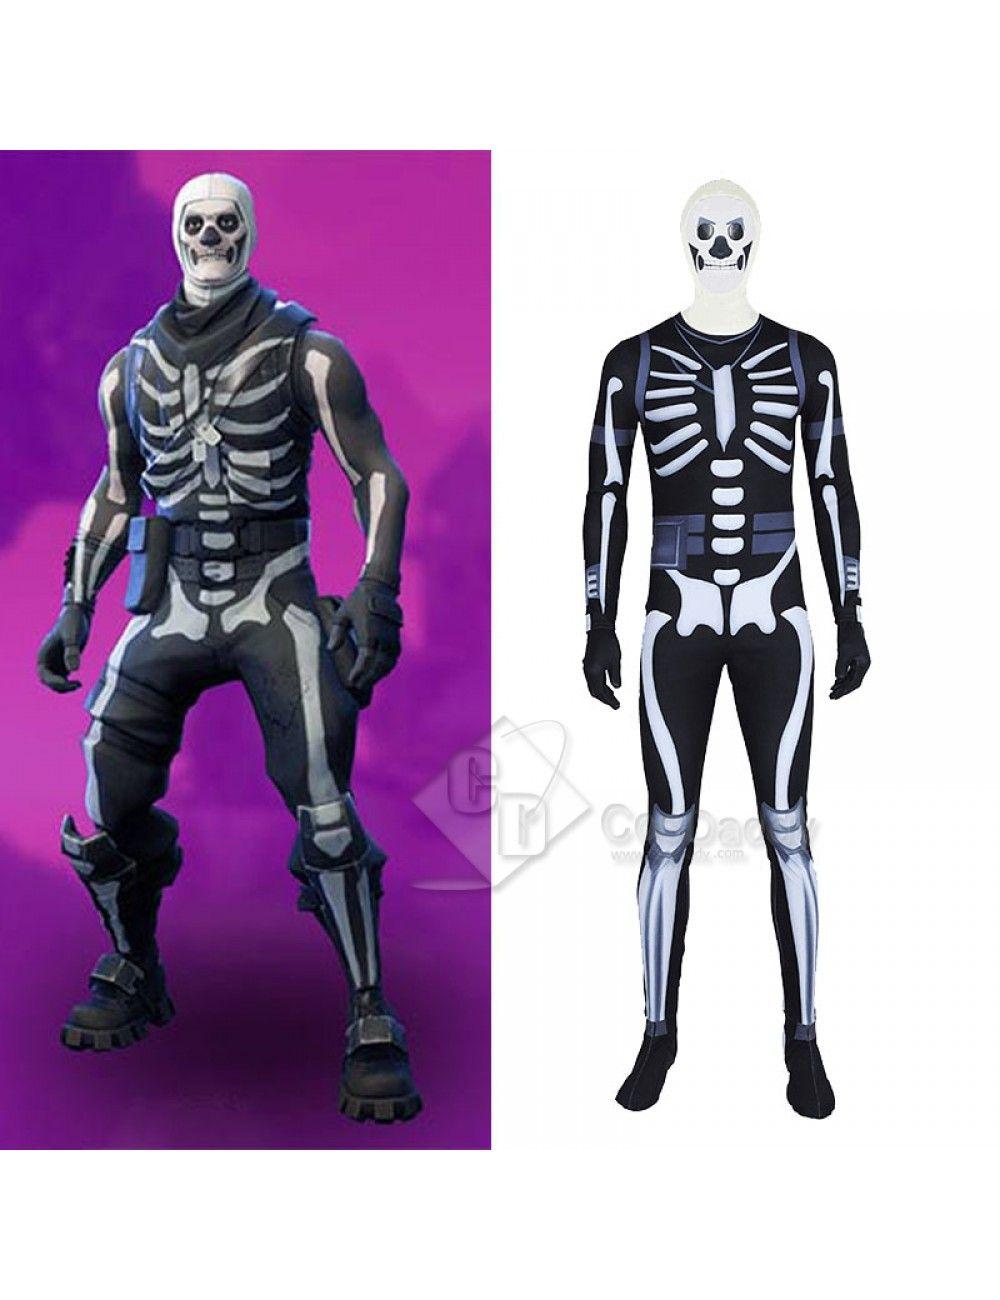 Fortnite Skull Trooper Jumpsuit Cosplay Costume Fortnite